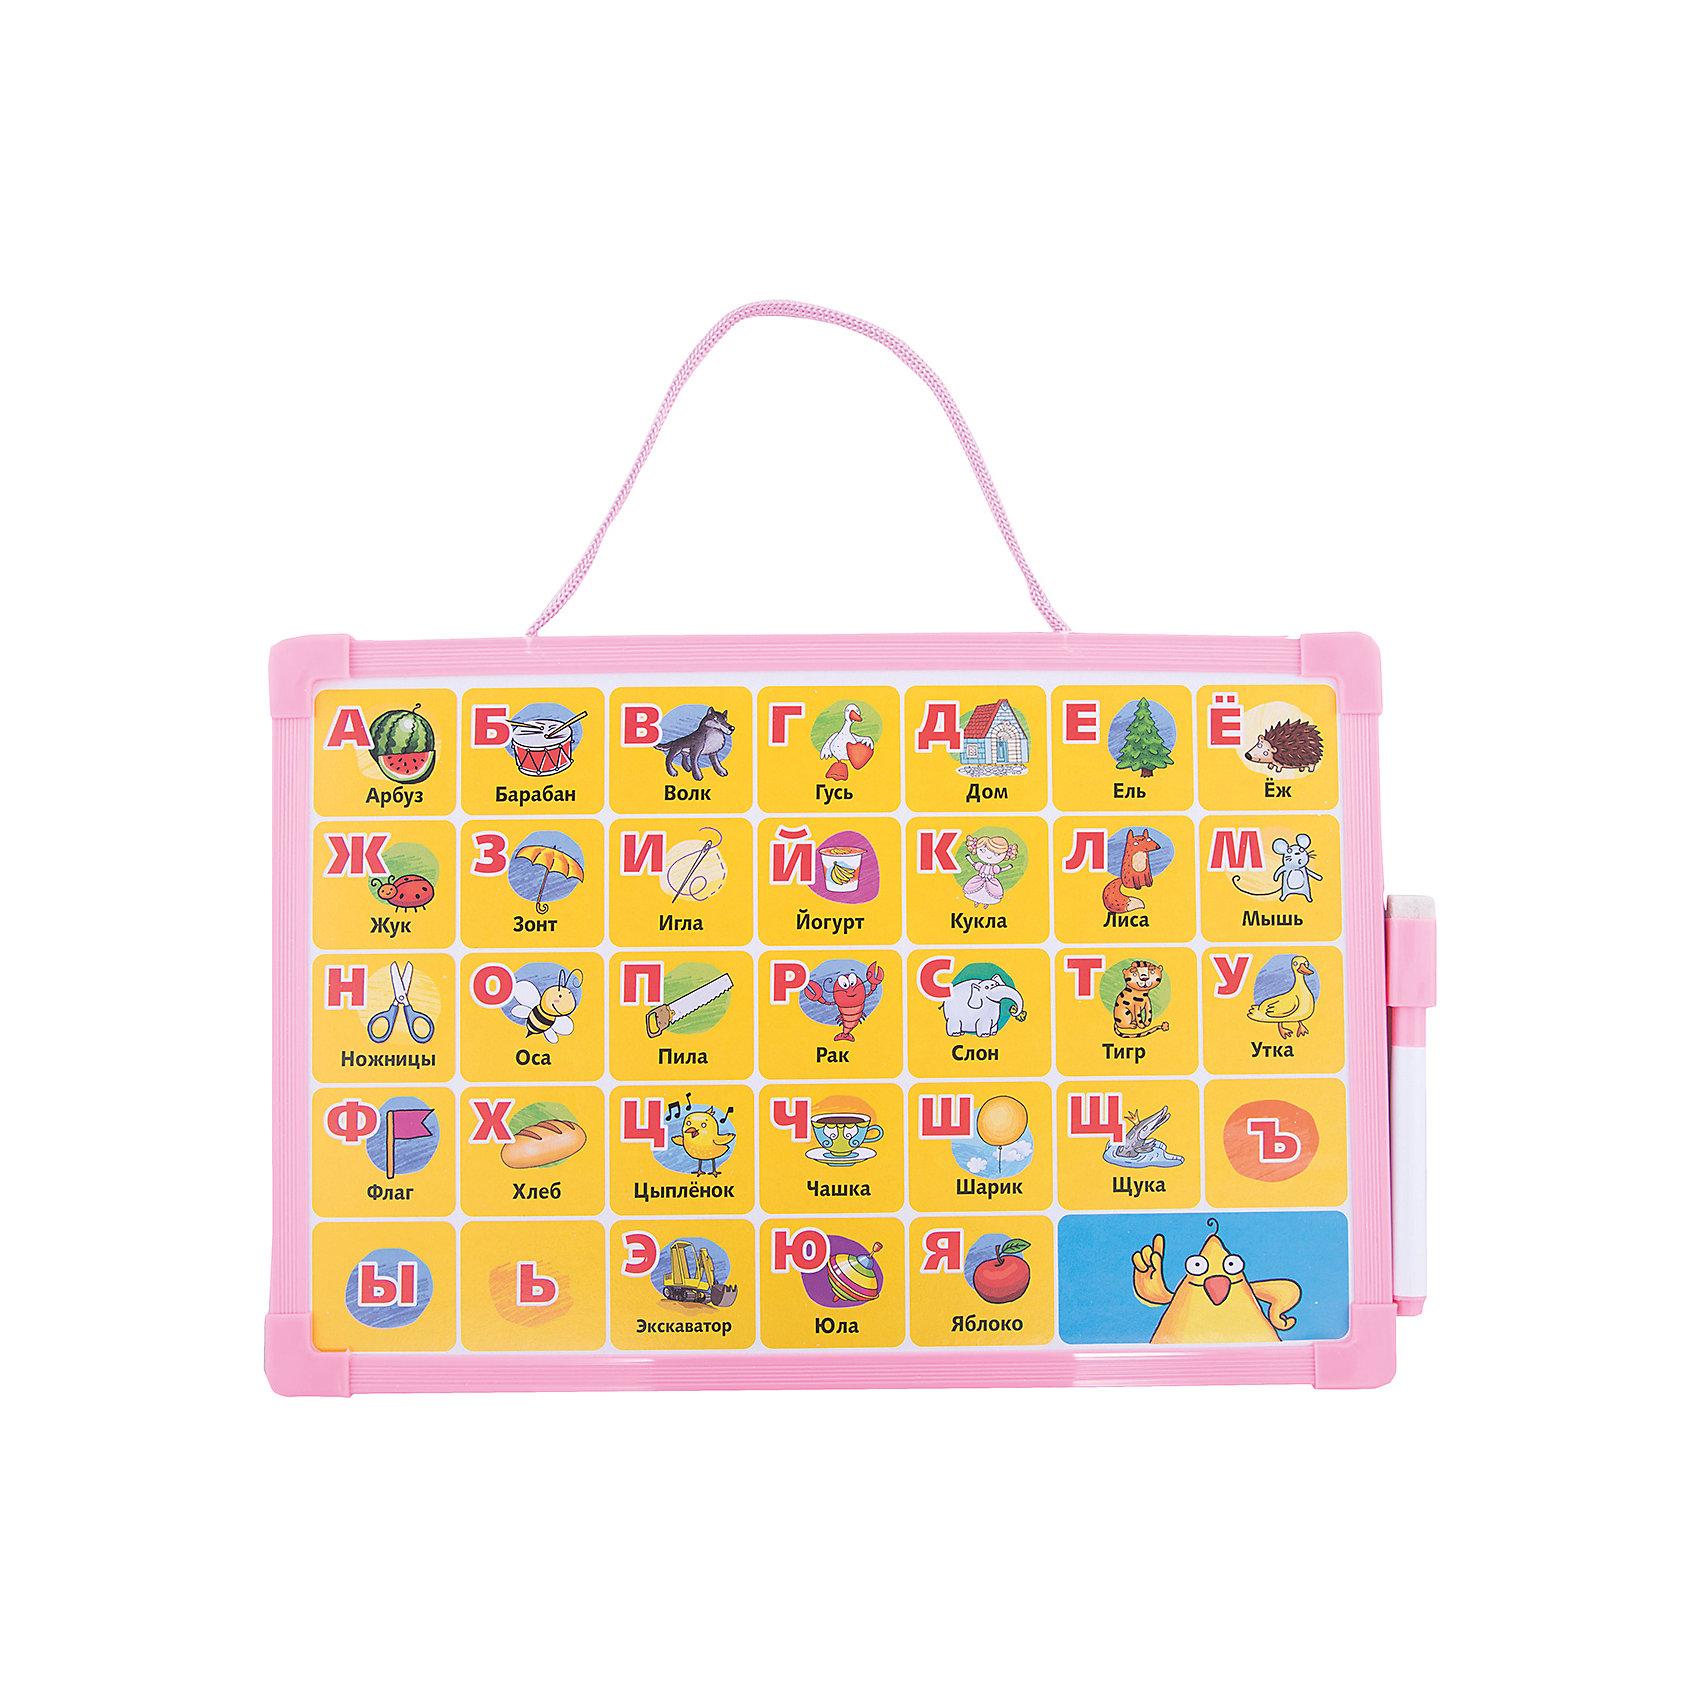 Доска для рисования с алфавитом, с маркером (розовая)Доски для рисования<br>Характеристики товара:<br><br>• цвет: розовый<br>• материал: полимер<br>• размер: 20х30 см<br>• вес: 110 г<br>• комплектация: доска с алфавитом, маркер<br>• возраст: от трех лет<br>• страна бренда: Финляндия<br>• страна изготовитель: Китай<br><br>Такая доска сделает учебу легче и интереснее! Доска выпонена в приятной яркой расцветке. С помощью неё ребенок легко освоит алфавит, а также будет тренировать внимательность, абстрактное мышление, логику, усидчивость. Комплект будет полезен собирающимся идти в школу, а также младшим школьникам. <br>Доска выпущена в удобном формате, со всеми необходимыми предметами в наборе. Изделие производится из качественных и проверенных материалов, которые безопасны для детей.<br><br>Доску для рисования с алфавитом, с маркером от бренда KriBly Boo можно купить в нашем интернет-магазине.<br><br>Ширина мм: 300<br>Глубина мм: 200<br>Высота мм: 10<br>Вес г: 110<br>Возраст от месяцев: 36<br>Возраст до месяцев: 84<br>Пол: Женский<br>Возраст: Детский<br>SKU: 5167797